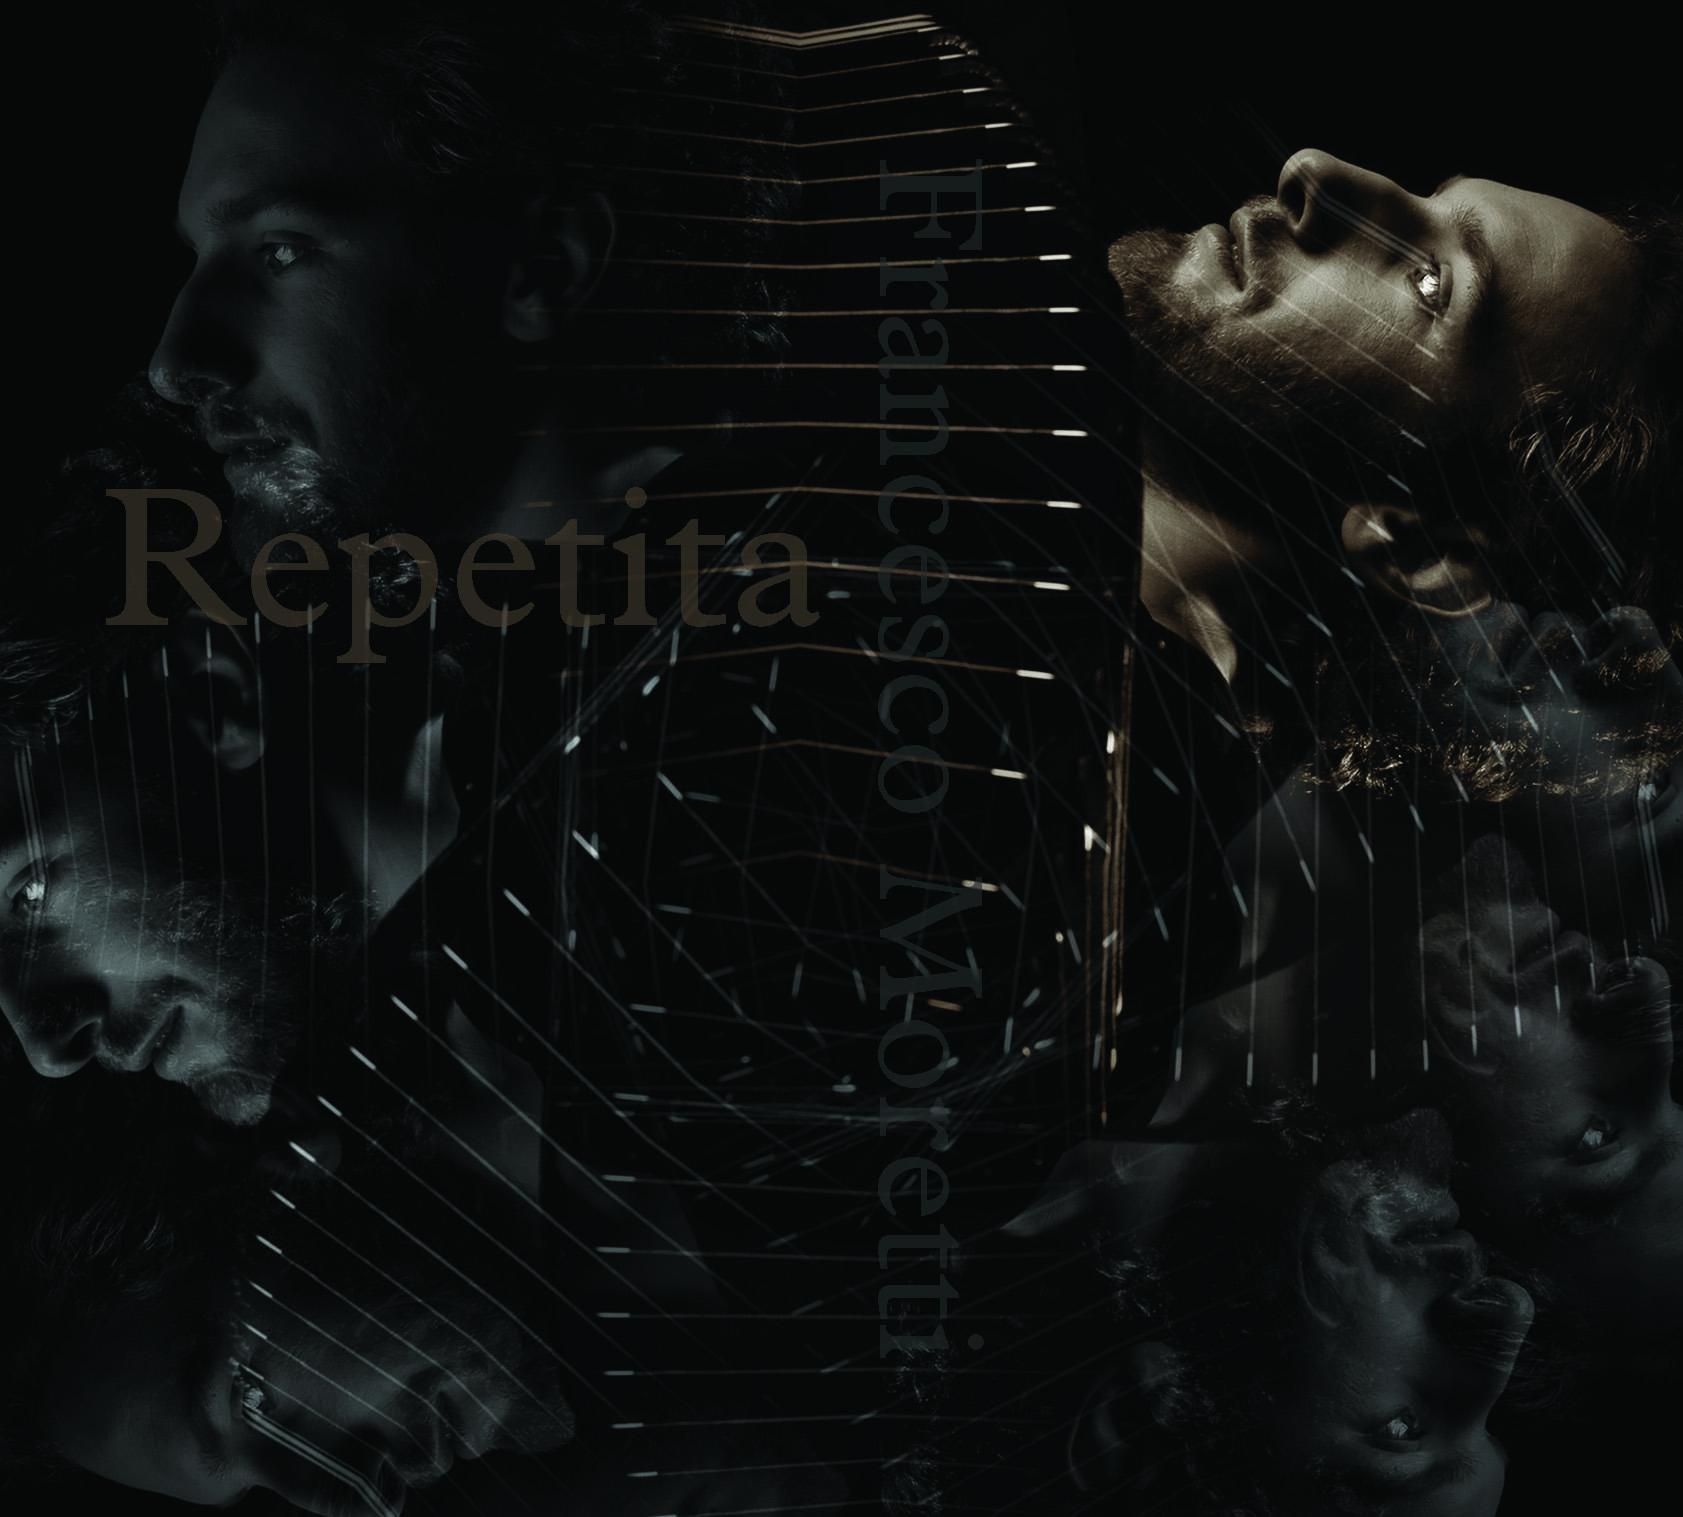 REPETITA album